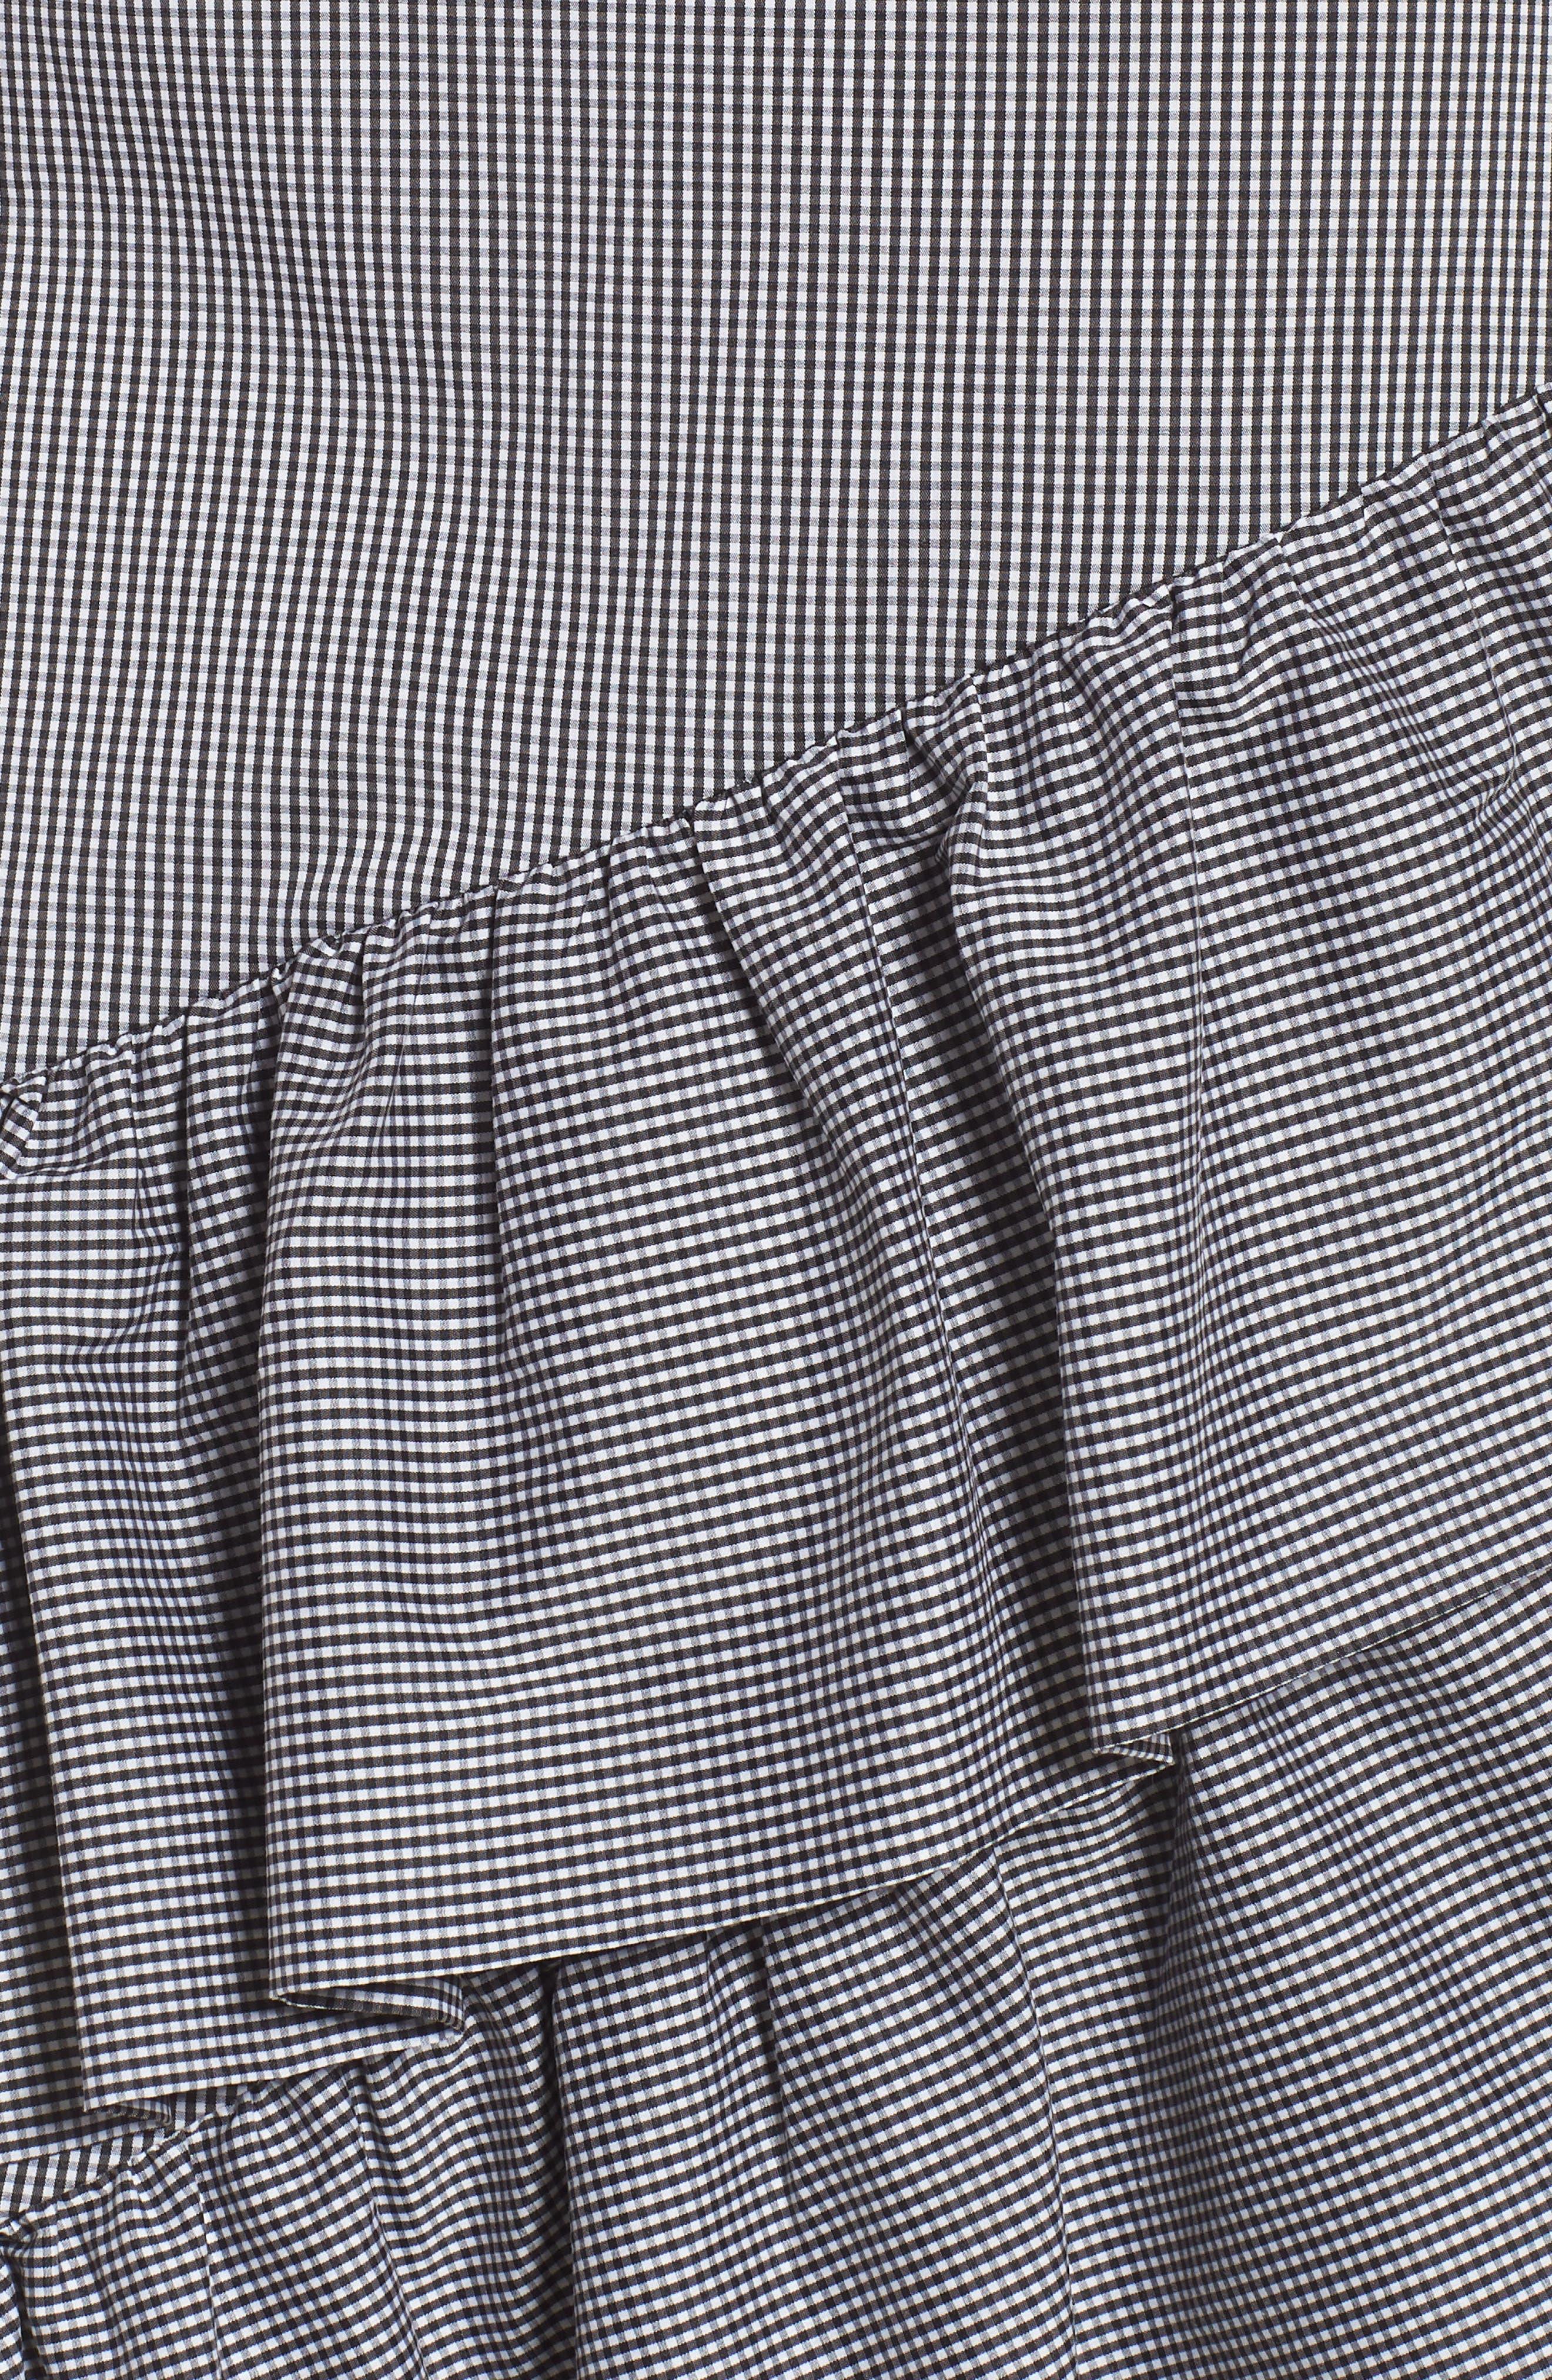 Gingham Ruffle Skirt,                             Alternate thumbnail 5, color,                             Black- White Mini Gingham